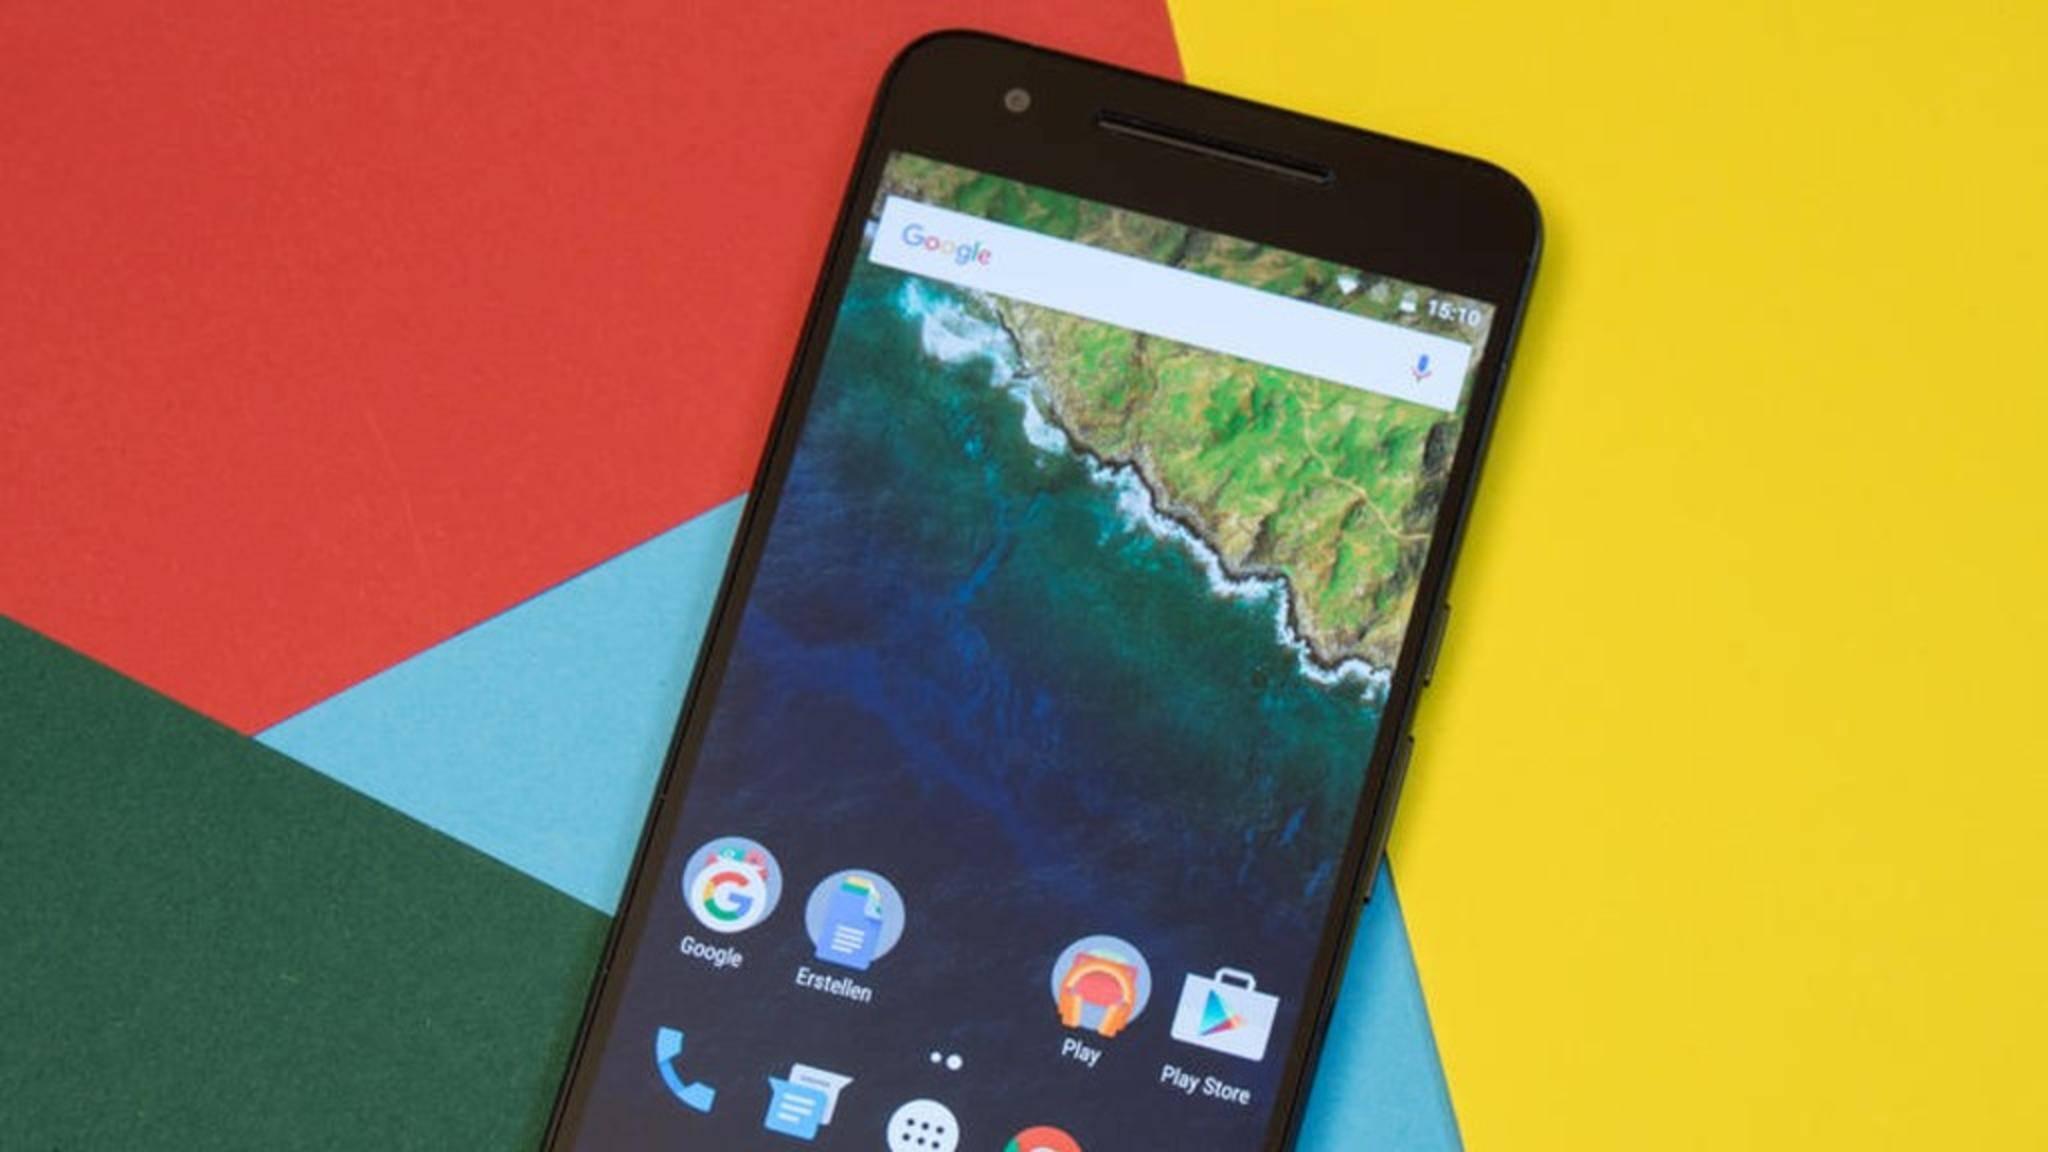 Google bietet eine offizielle Screenshot-Methode an, die auch auf den Nexus-Modellen funktioniert.